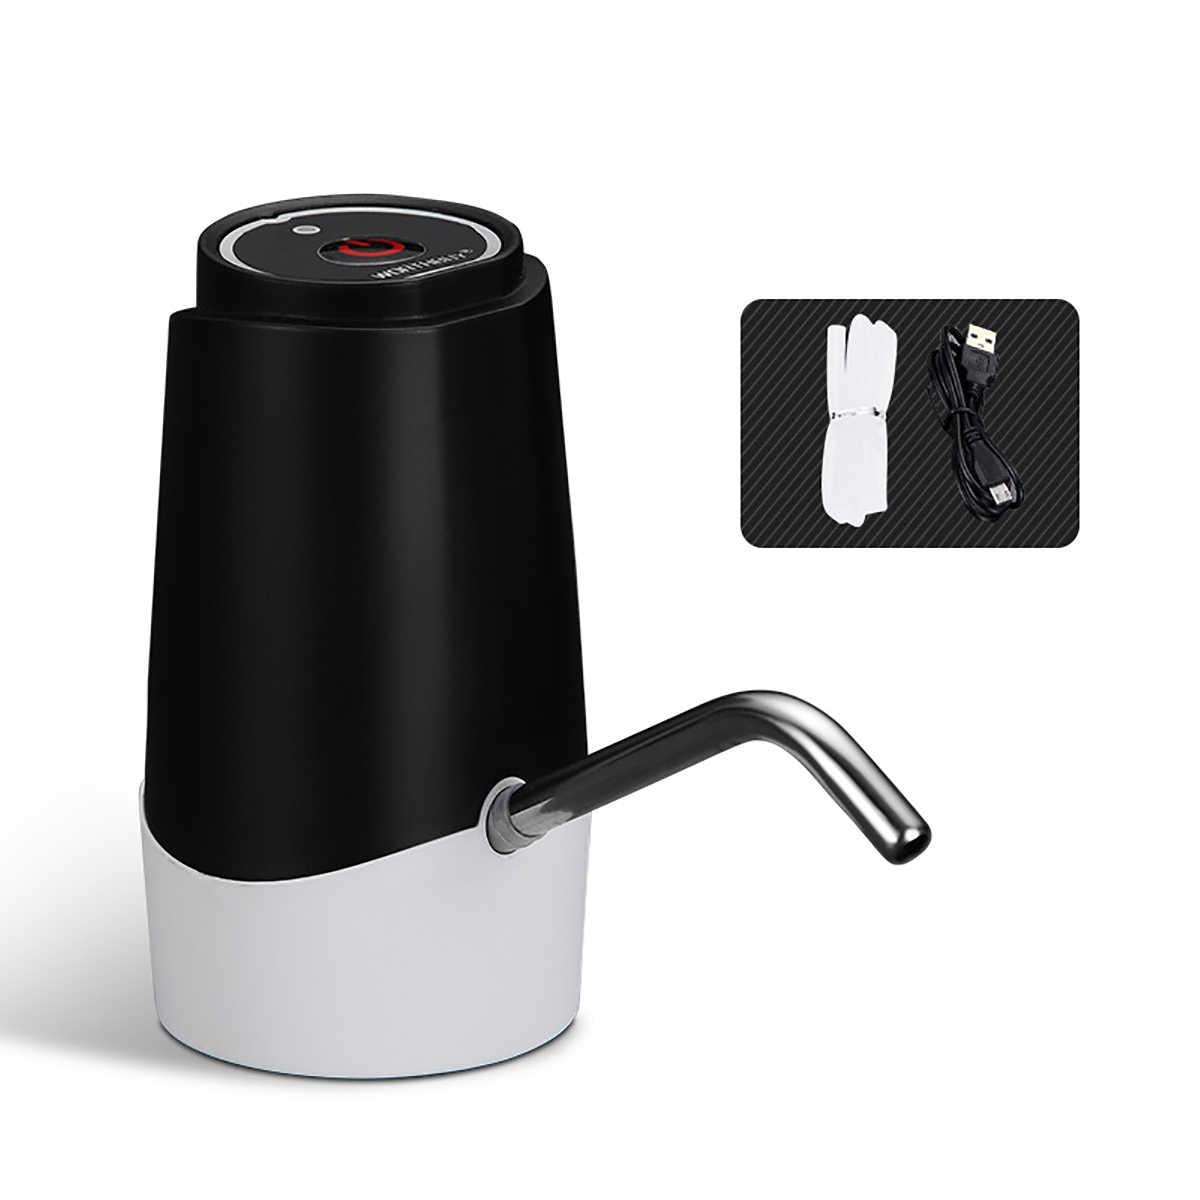 USB الكهربائية مضخة مياه موزع مياه قابلة للشحن الفولاذ المقاوم للصدأ الأنابيب الصلبة الغذاء الصف سيليكون لشرب زجاجات مياه